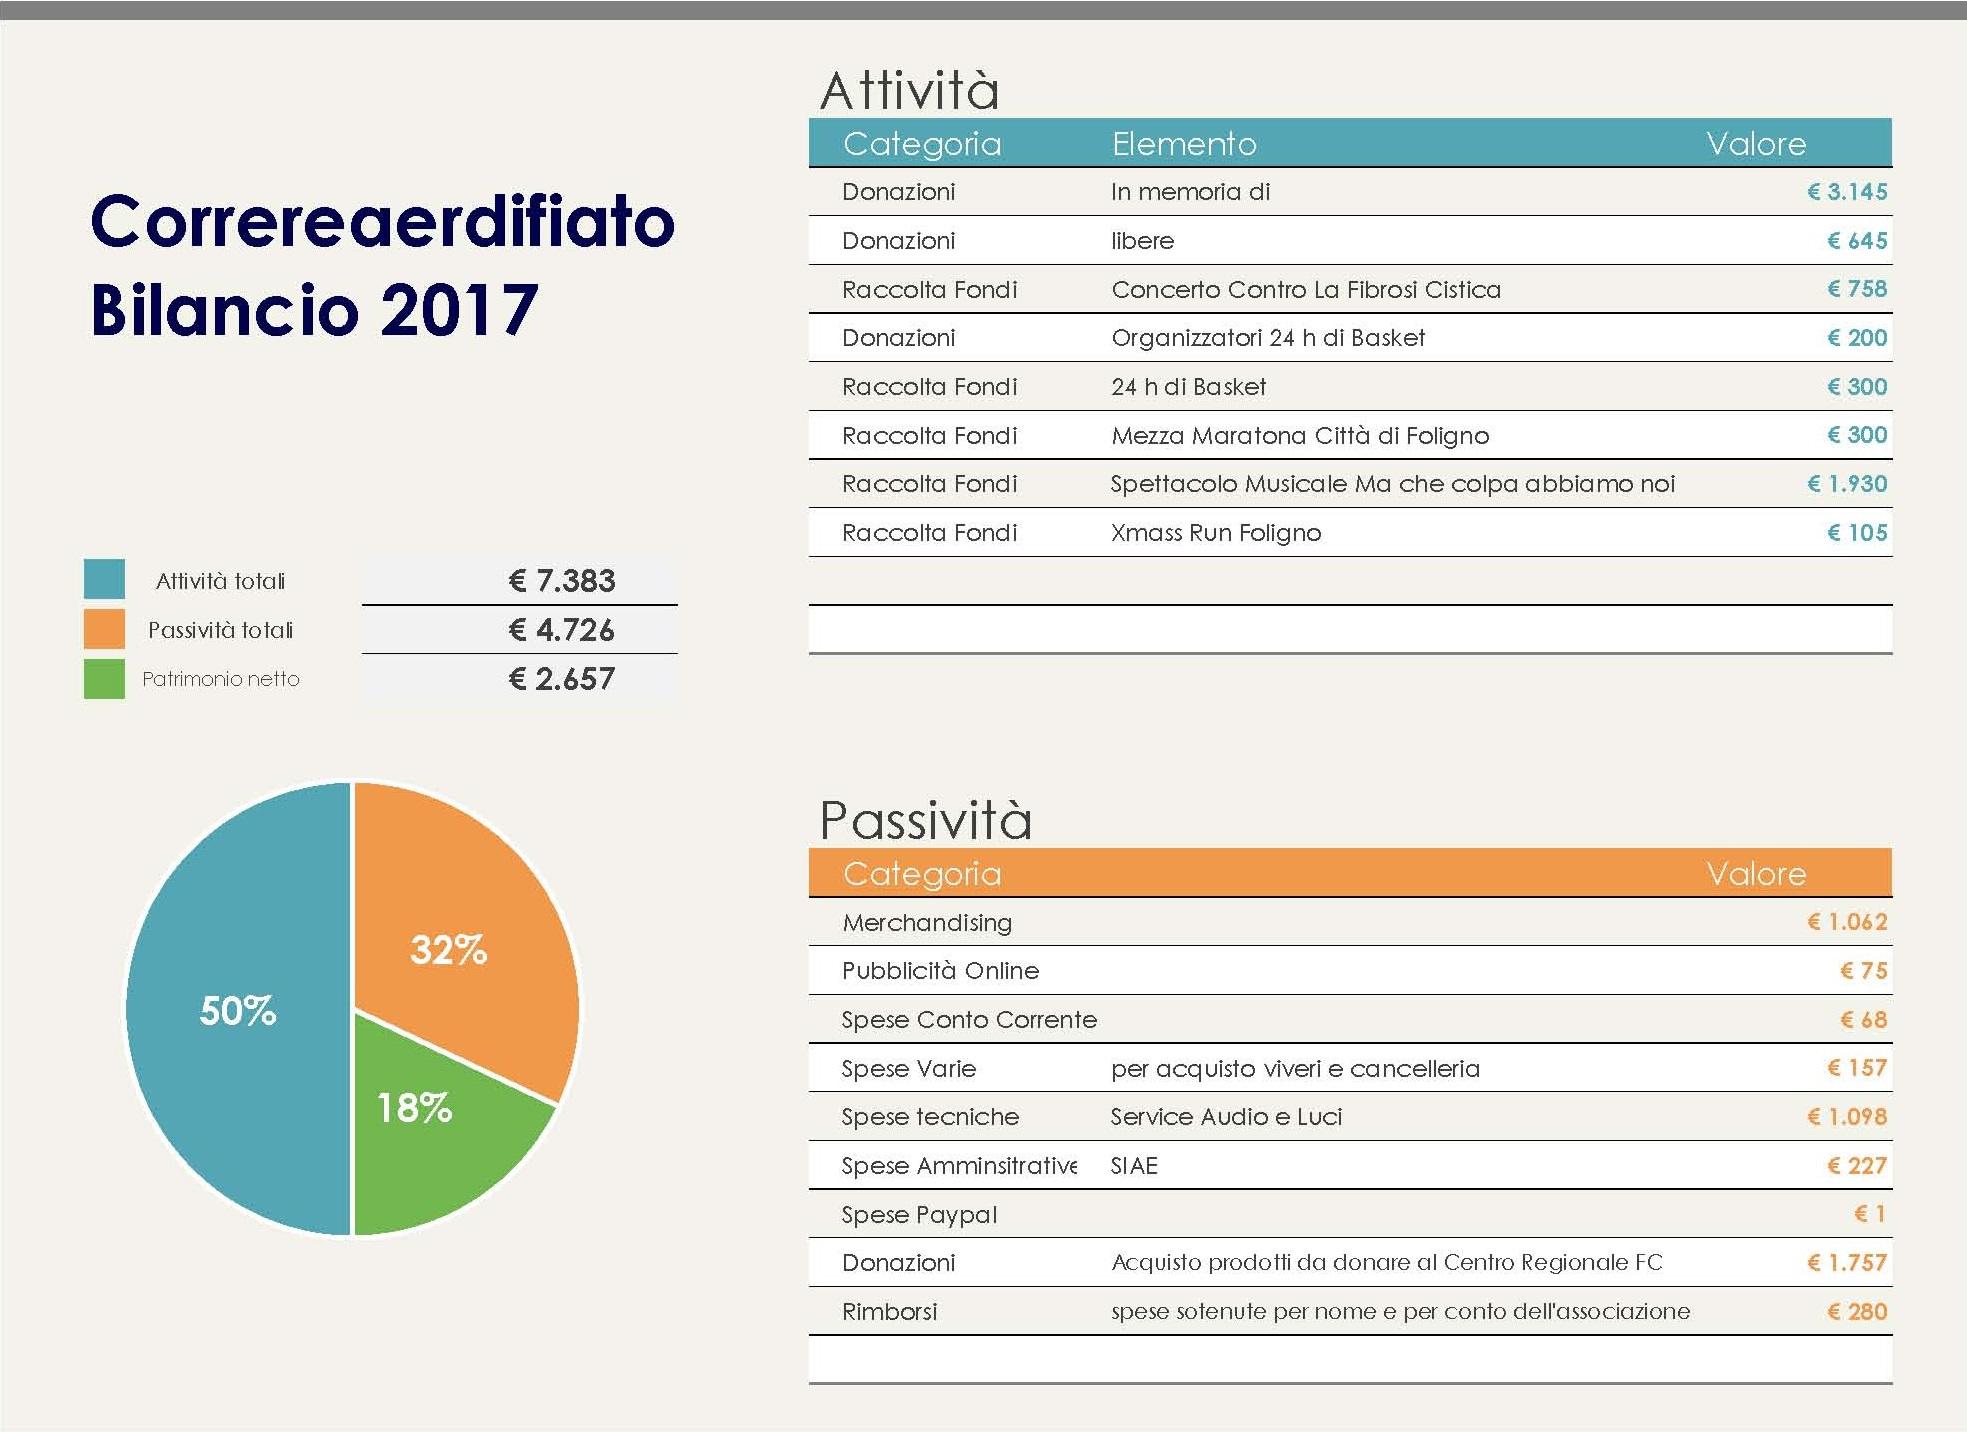 Bilancio 2017 - Correreaperdifiato